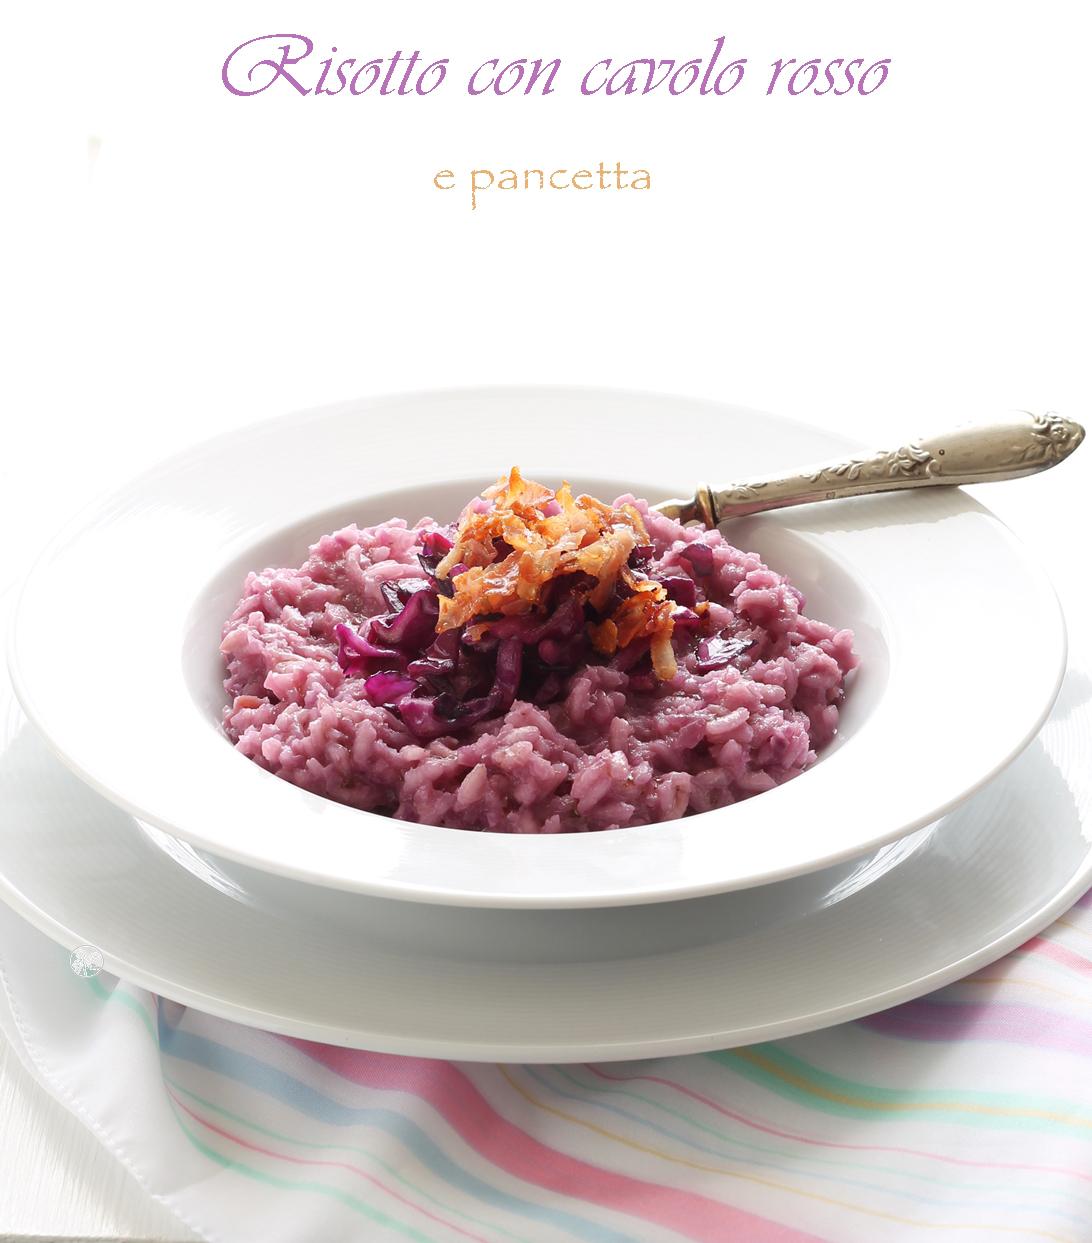 Risotto al cavolo rosso - La Cassata Celiaca